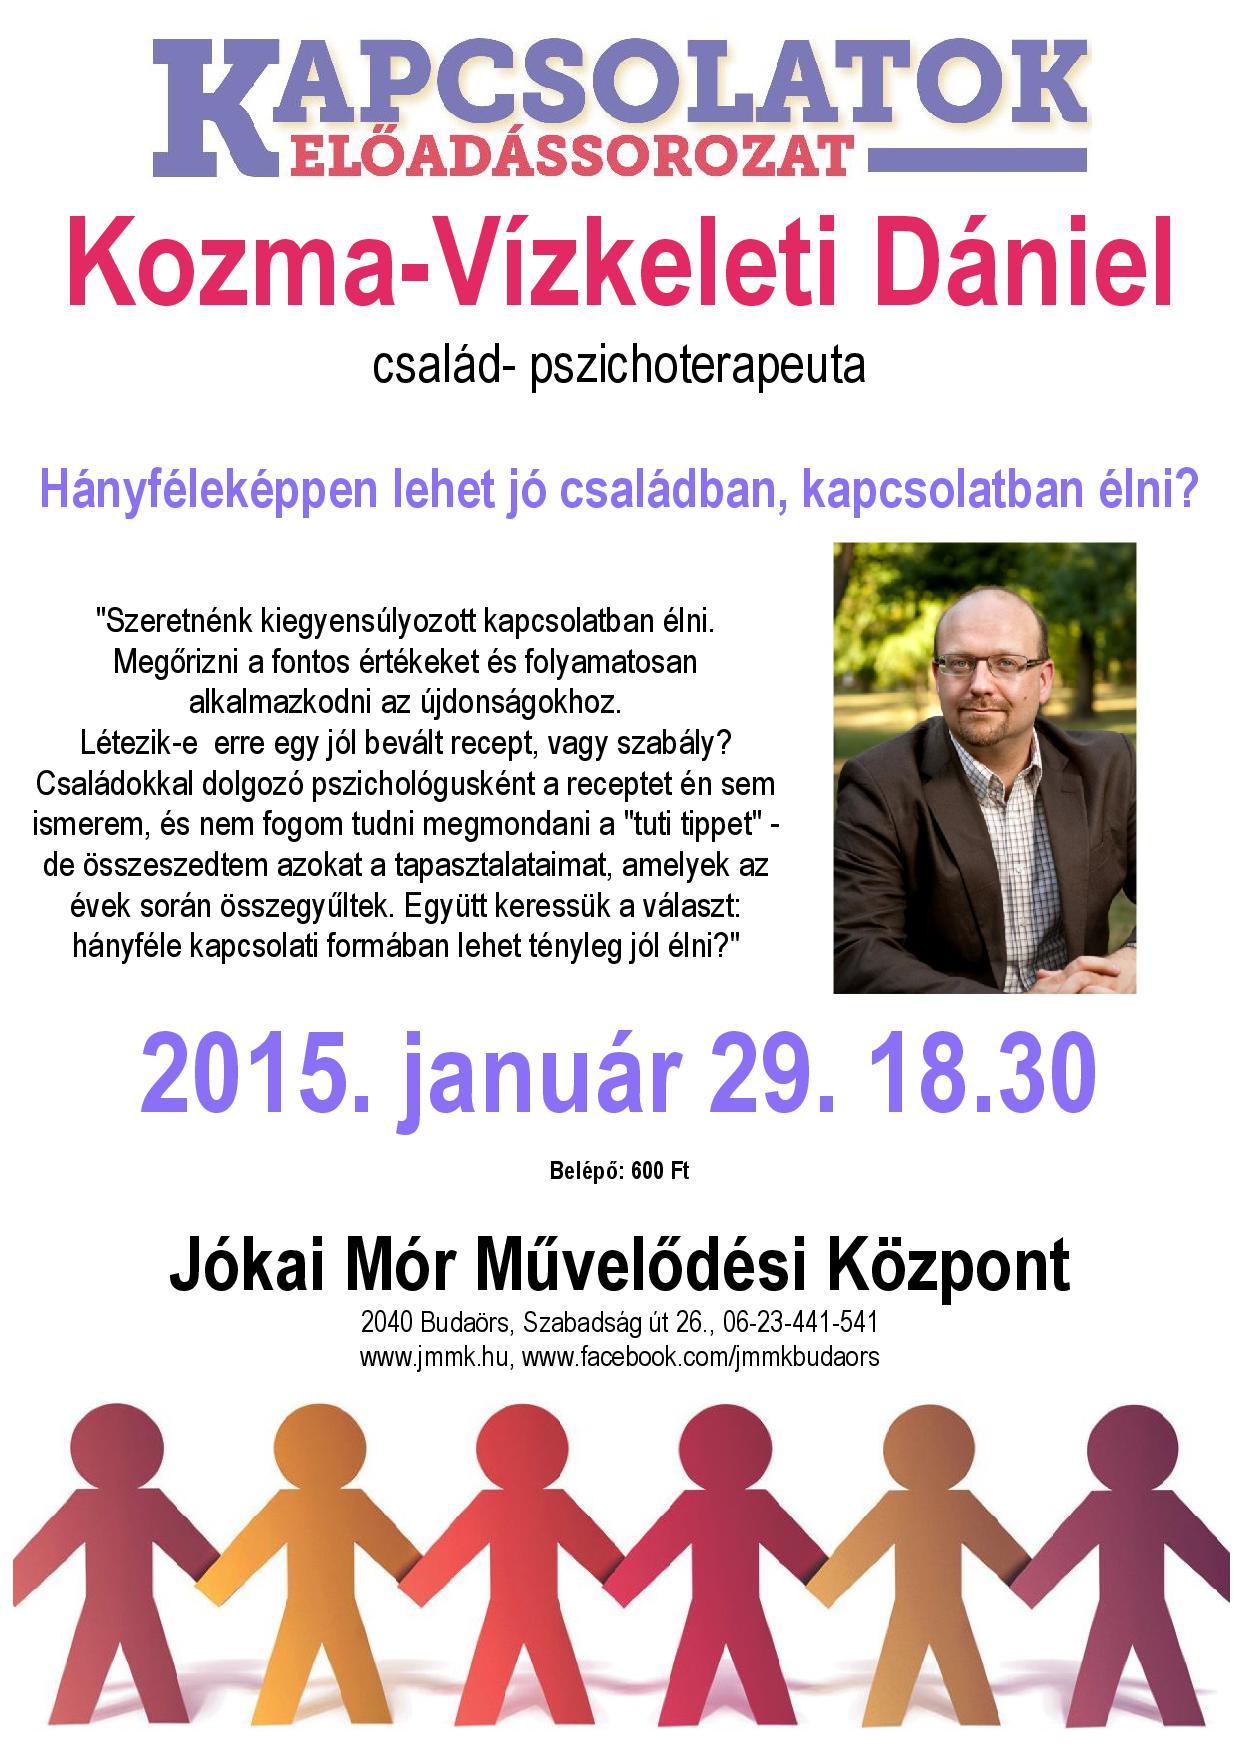 Kozma-Vízkeleti plakát